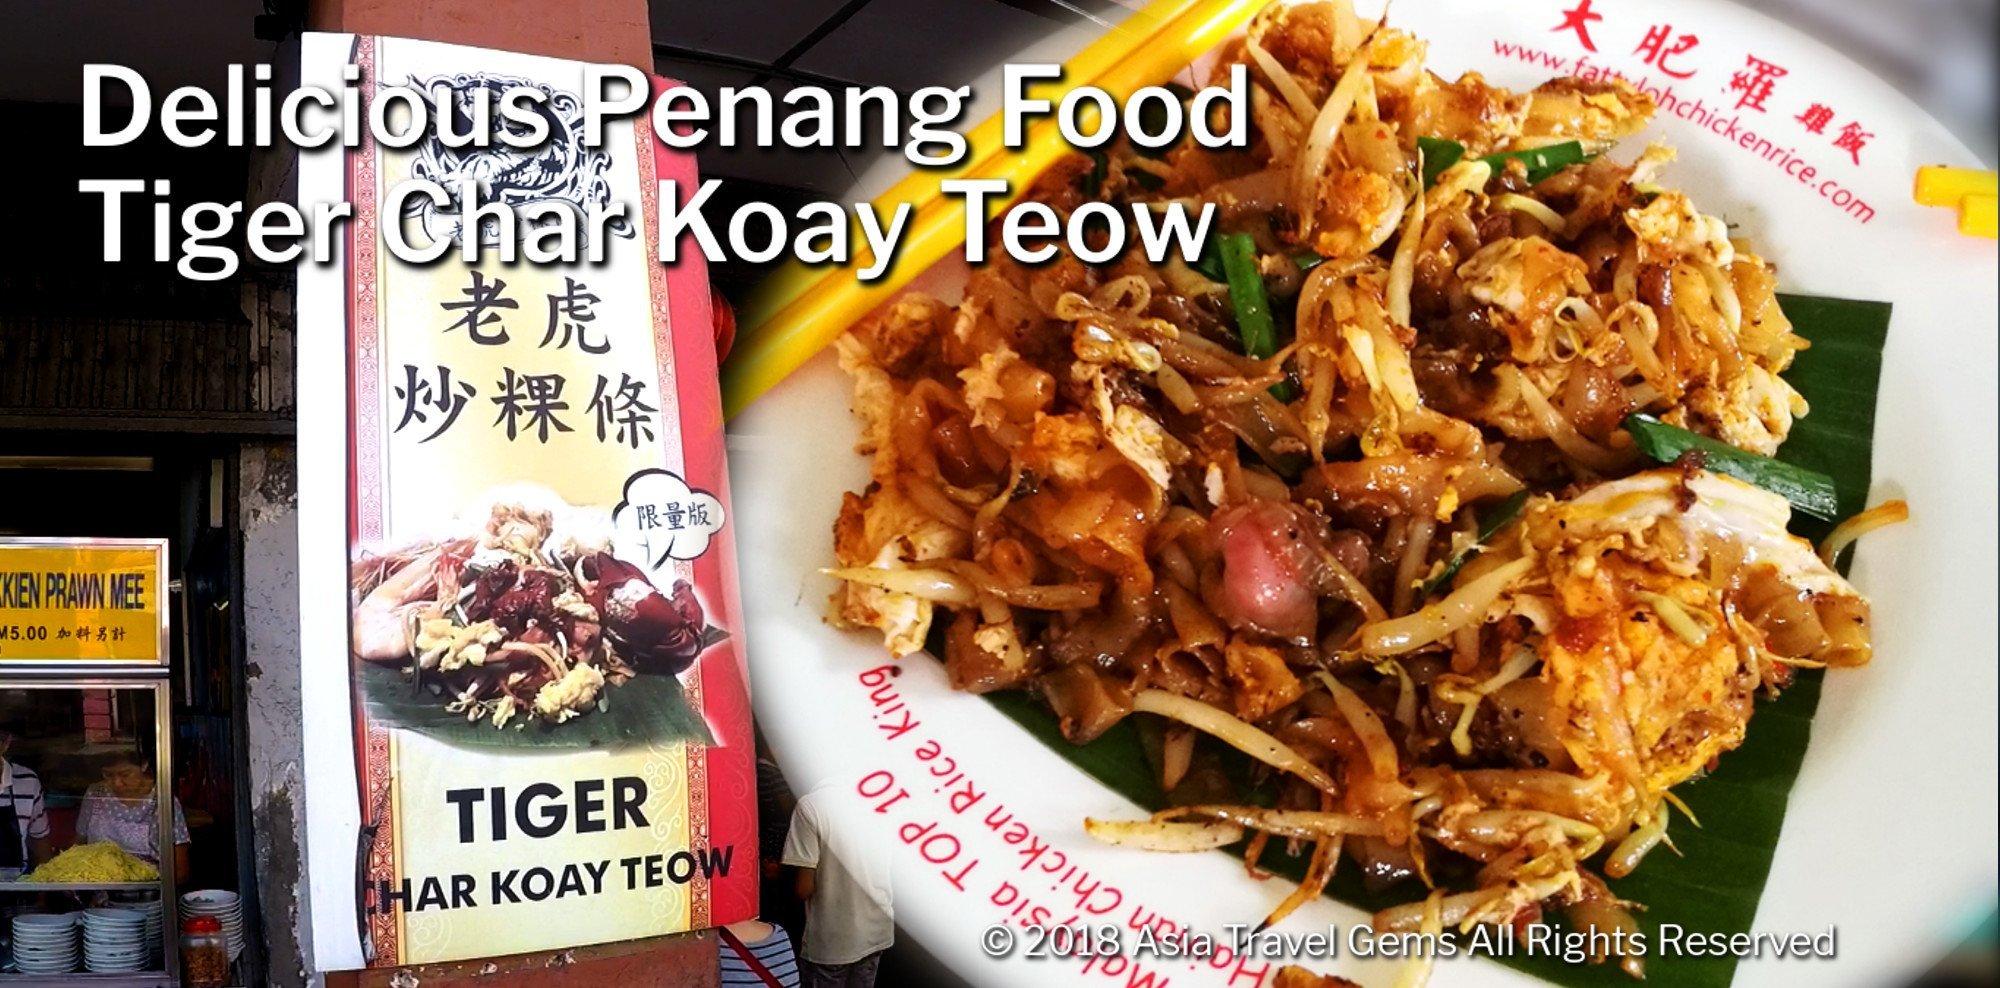 Penang Food - Tiger Char Koay Teow - header